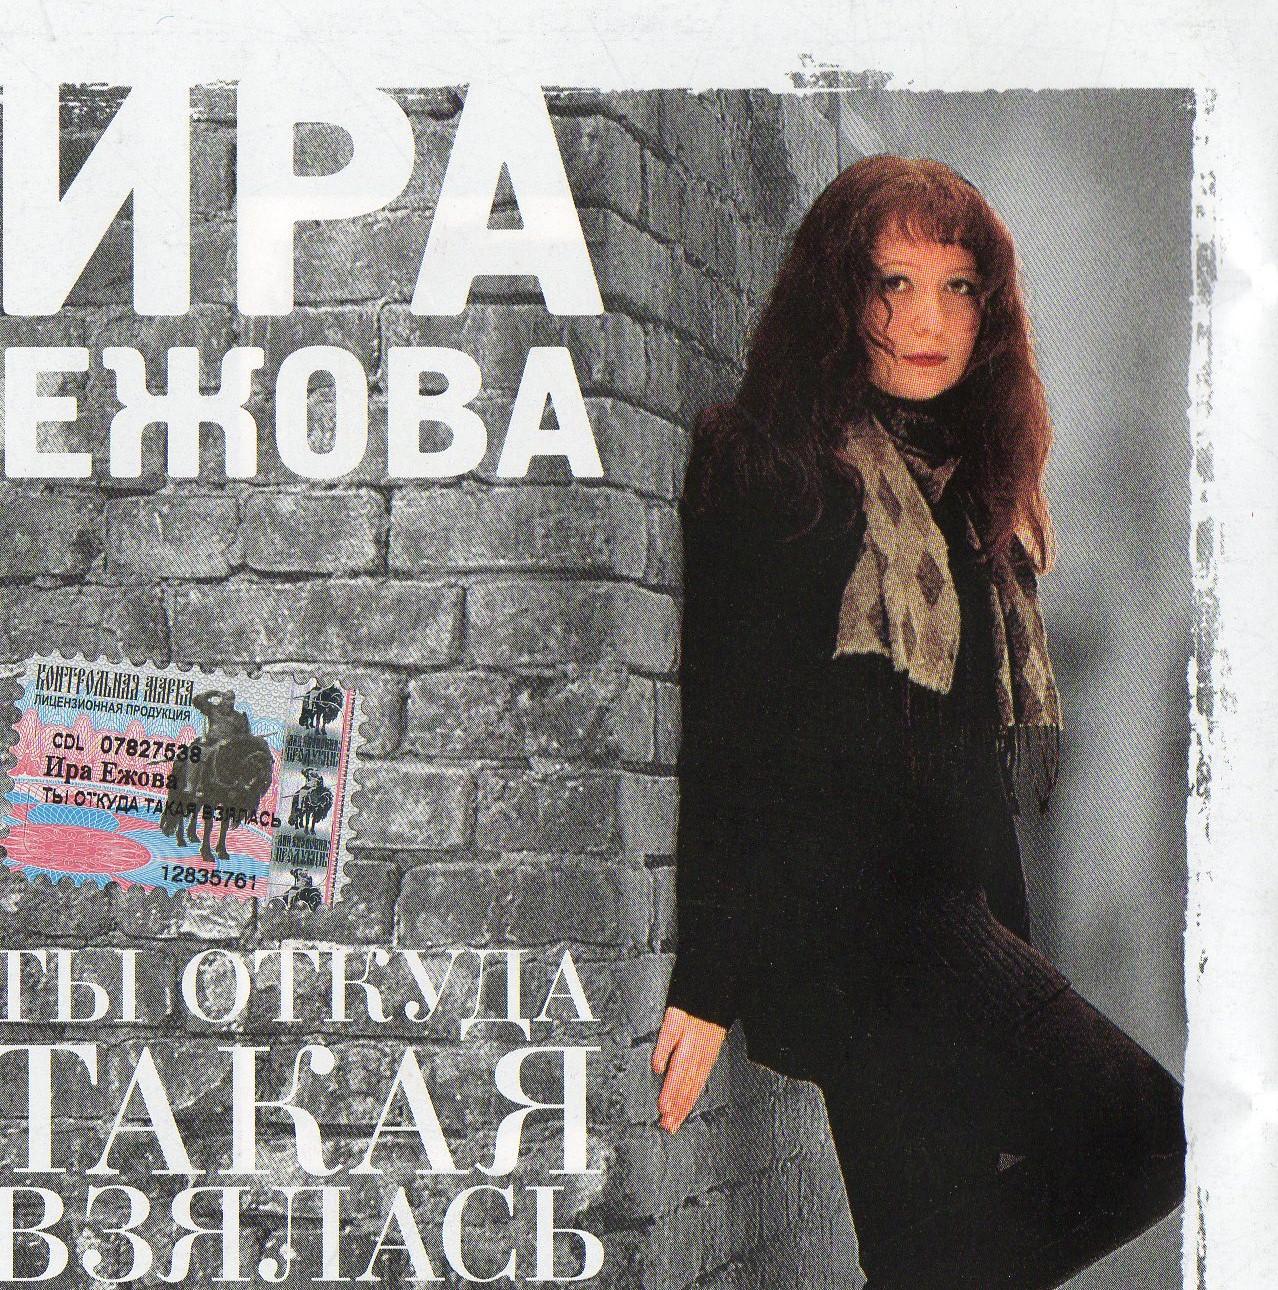 Ирина ежова скачать бесплатно mp3 все песни